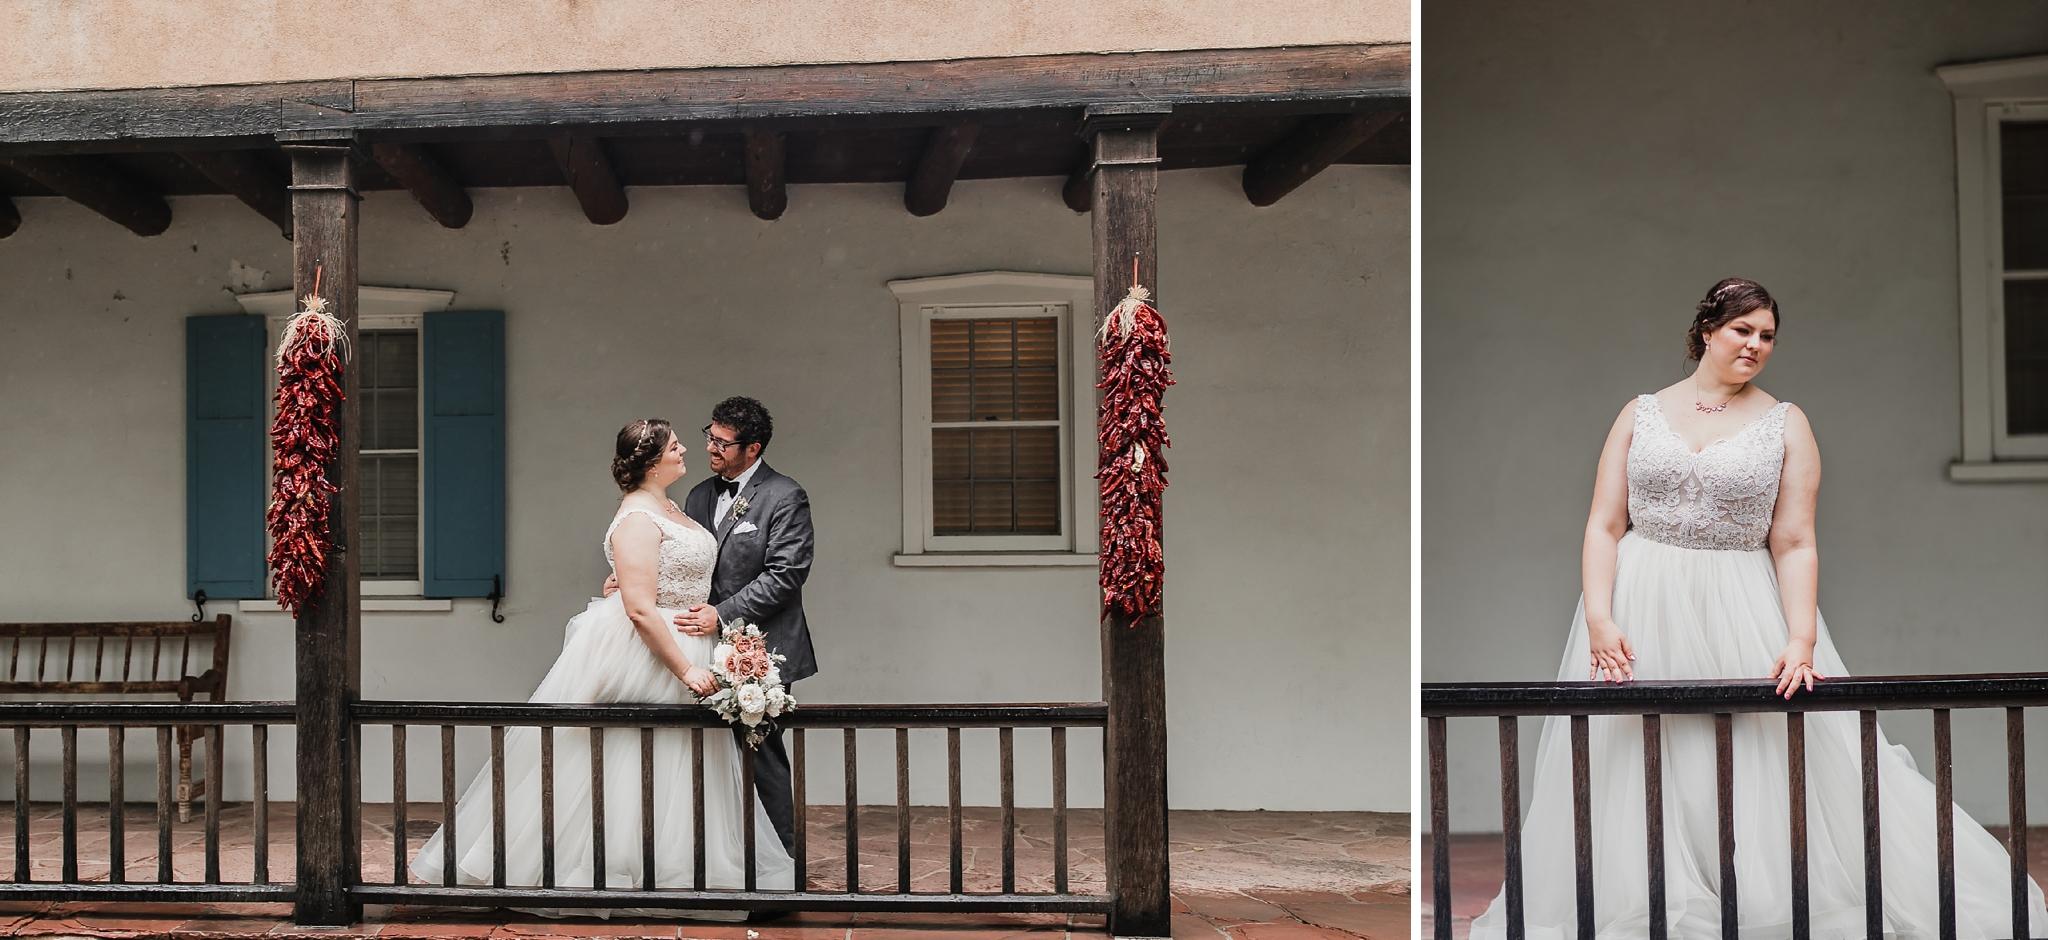 Alicia+lucia+photography+-+albuquerque+wedding+photographer+-+santa+fe+wedding+photography+-+new+mexico+wedding+photographer+-+new+mexico+wedding+-+summer+wedding+-+los+poblanos+wedding+-+albuquerque+wedding_0075.jpg